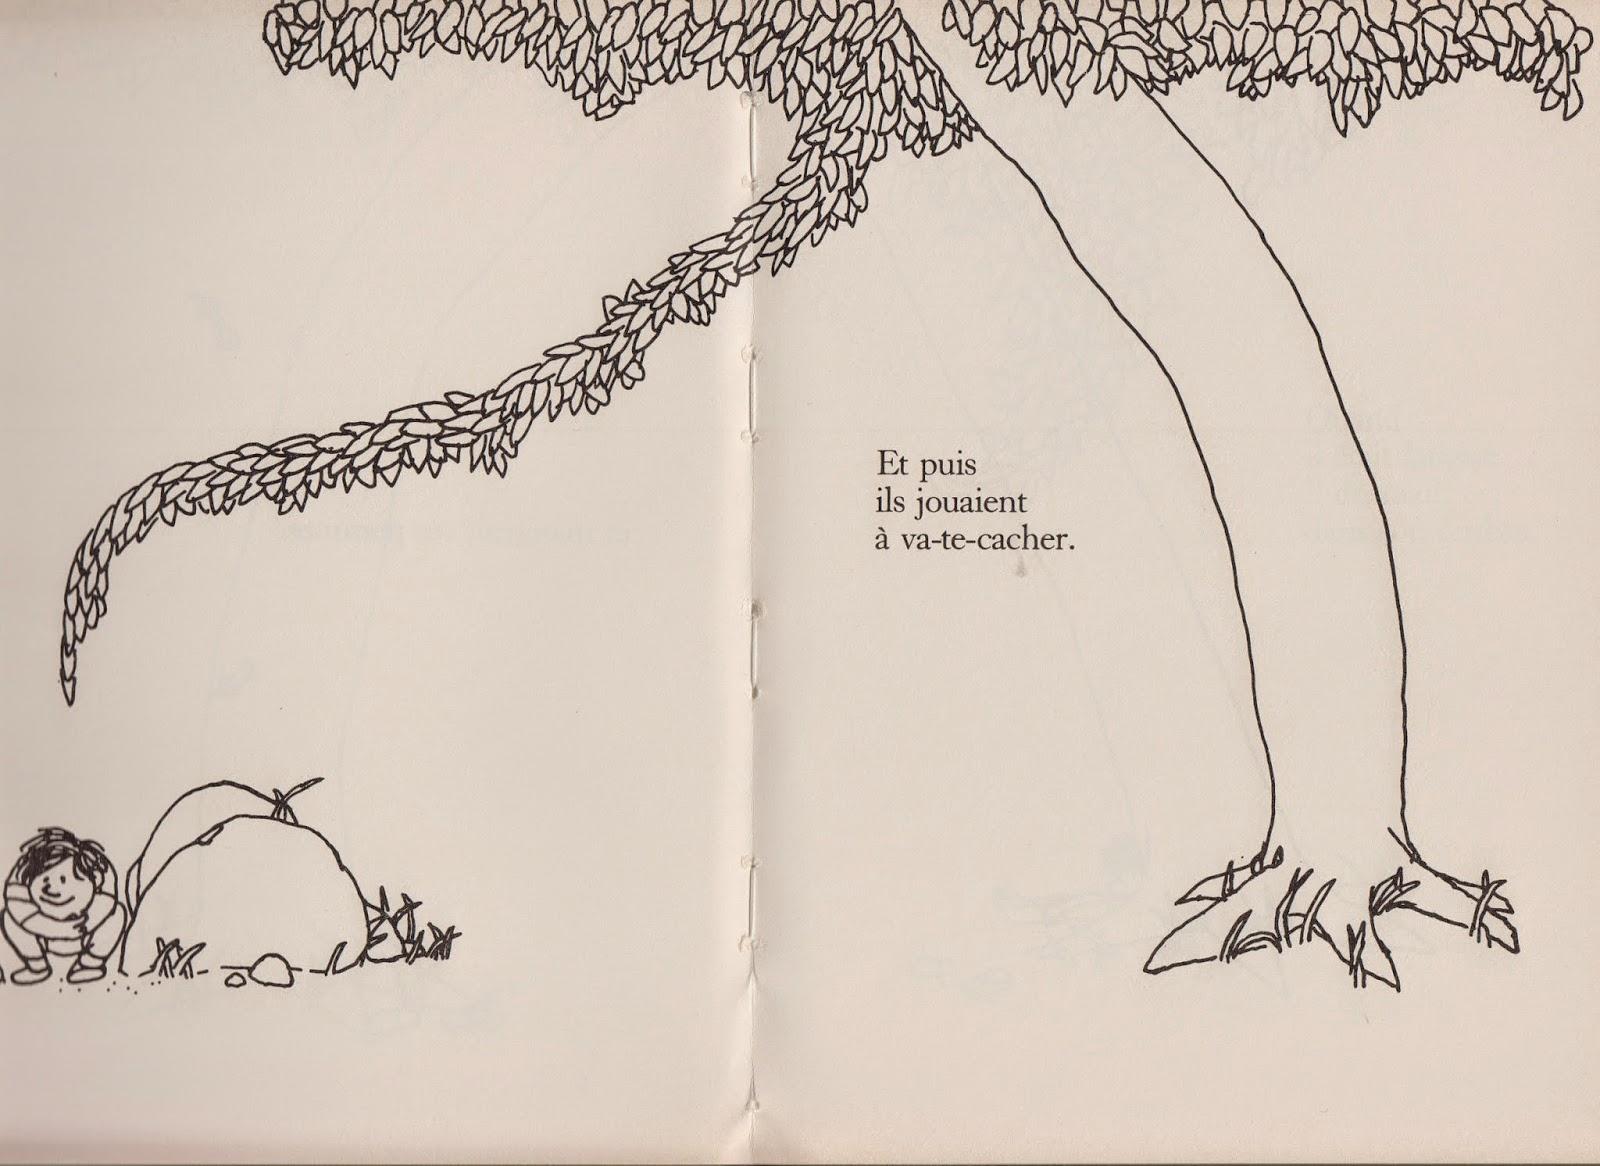 shel silverstein books - HD1600×1166